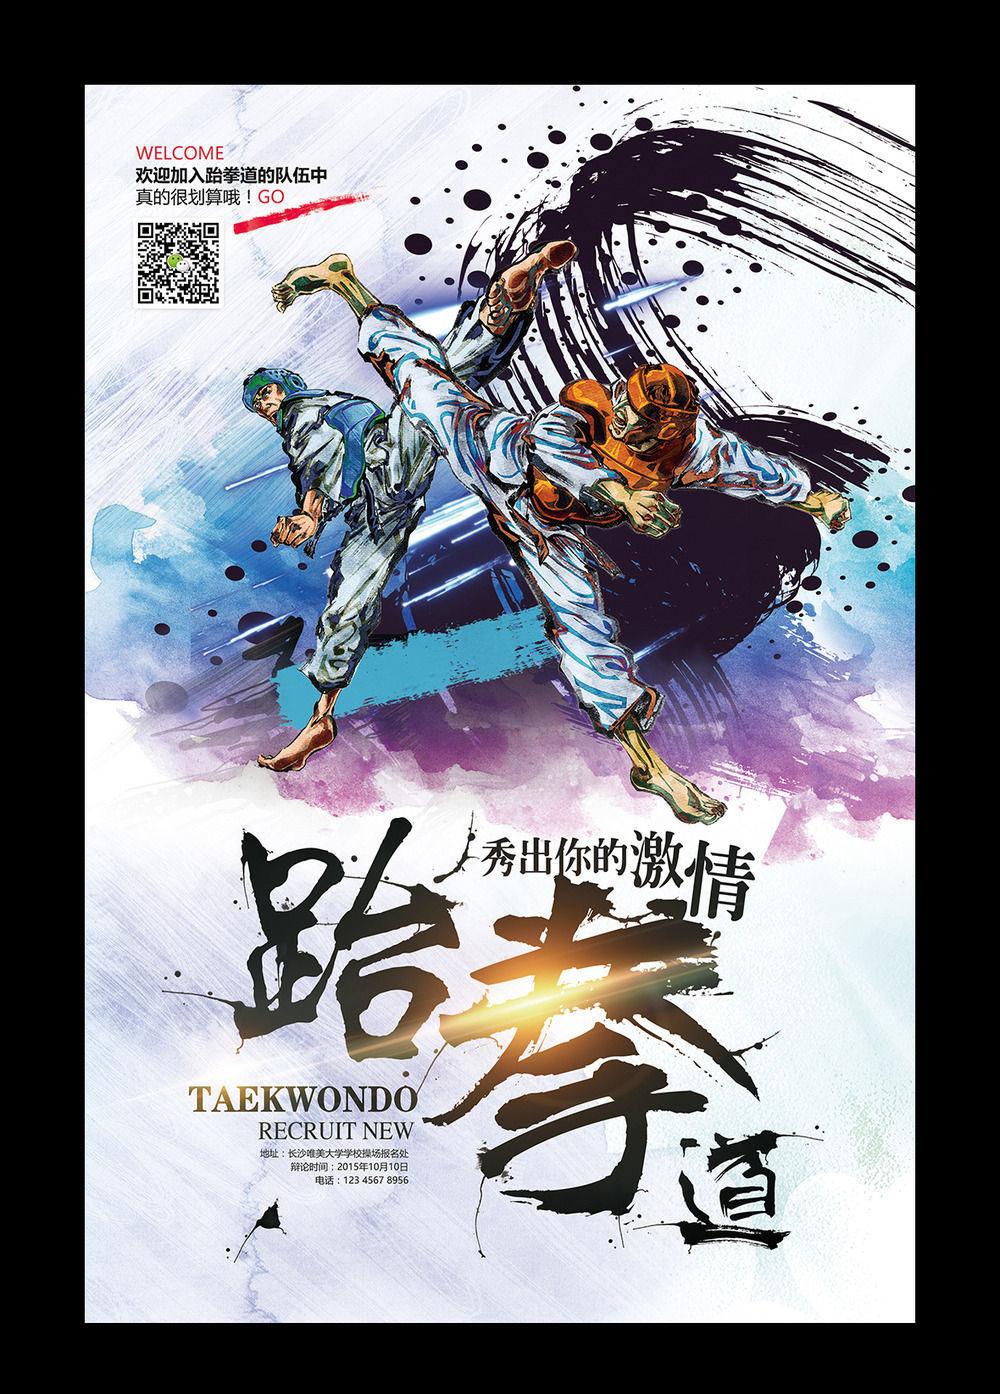 跆拳道海报设计|平面|海报|抠抠443585561 - 原创作品